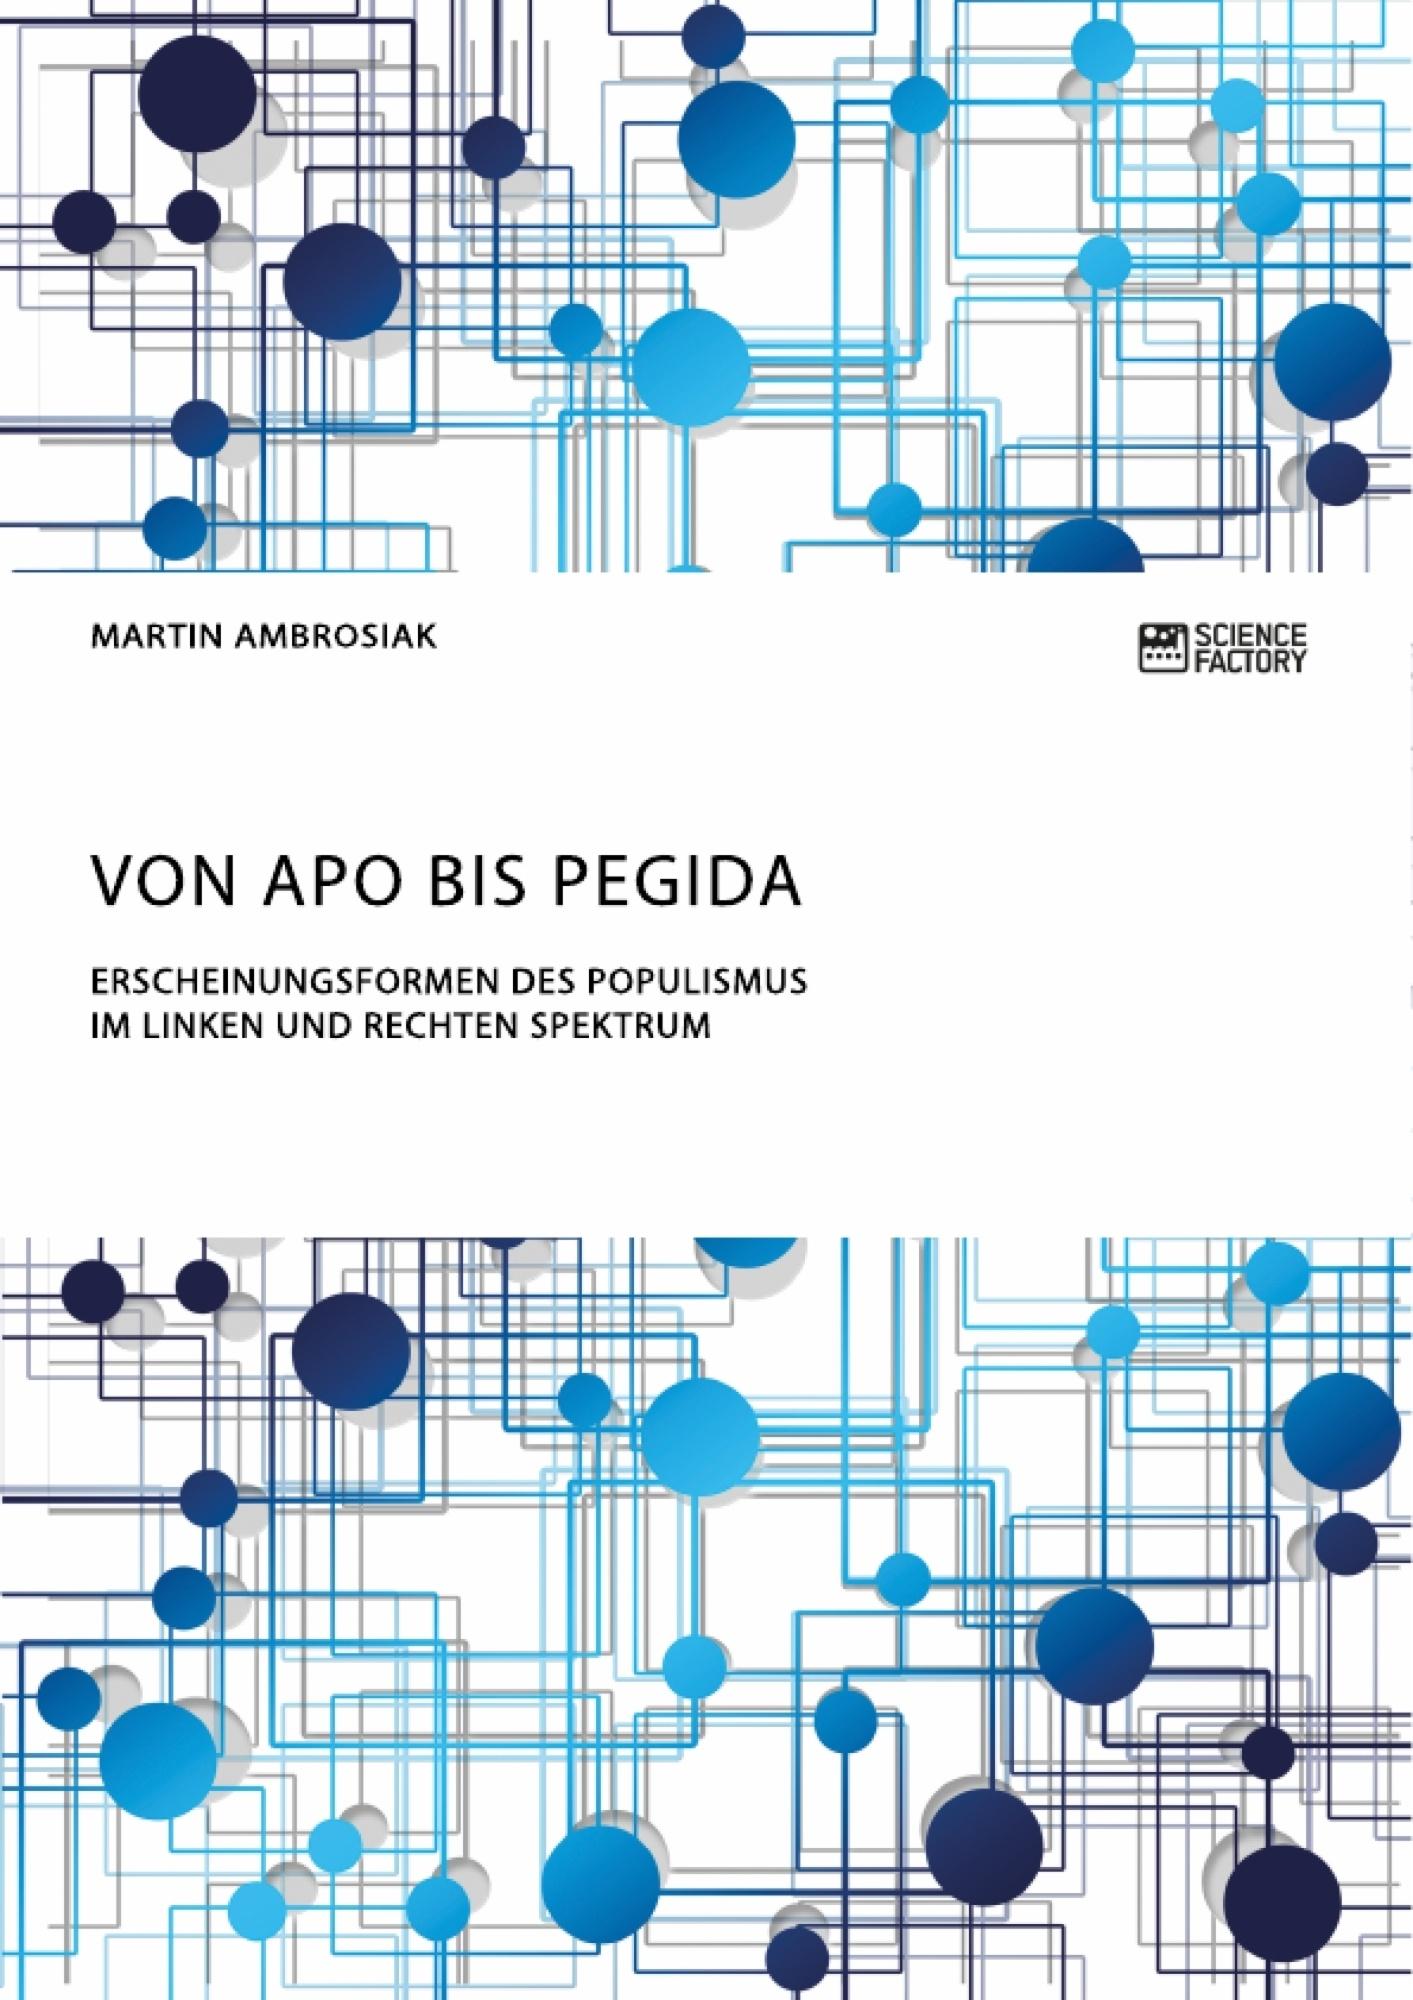 Titel: Von APO bis Pegida. Erscheinungsformen des Populismus im linken und rechten Spektrum